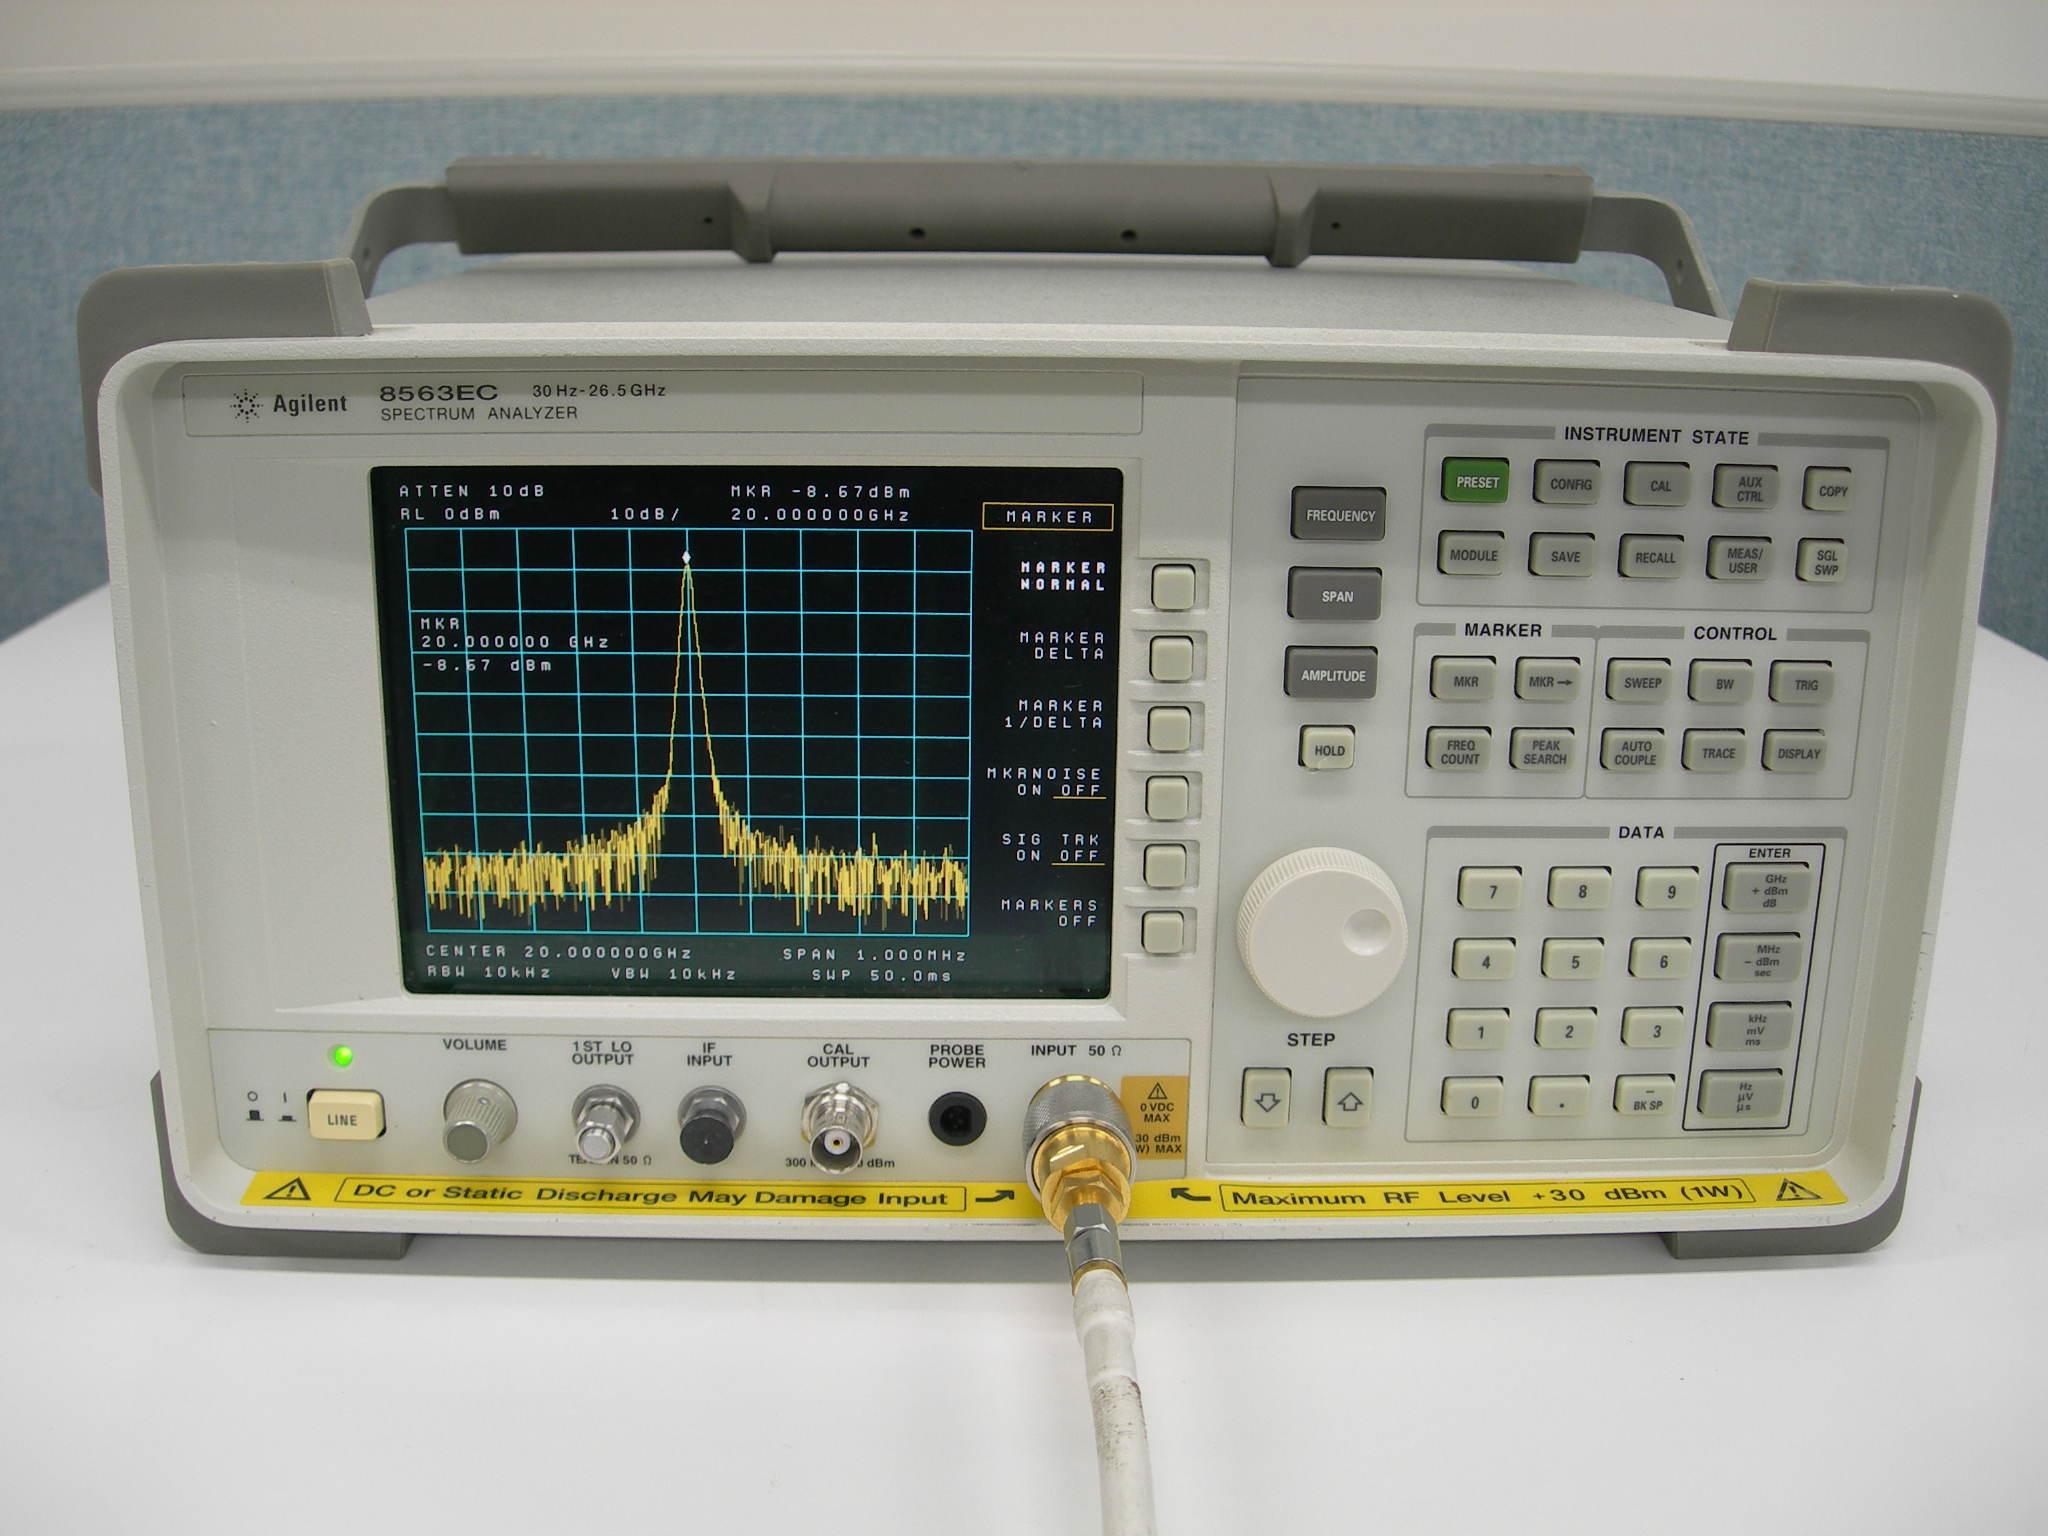 (繁體中文) Agilent 8563EC 9kHz-26.5GHz 可攜式頻譜分析儀